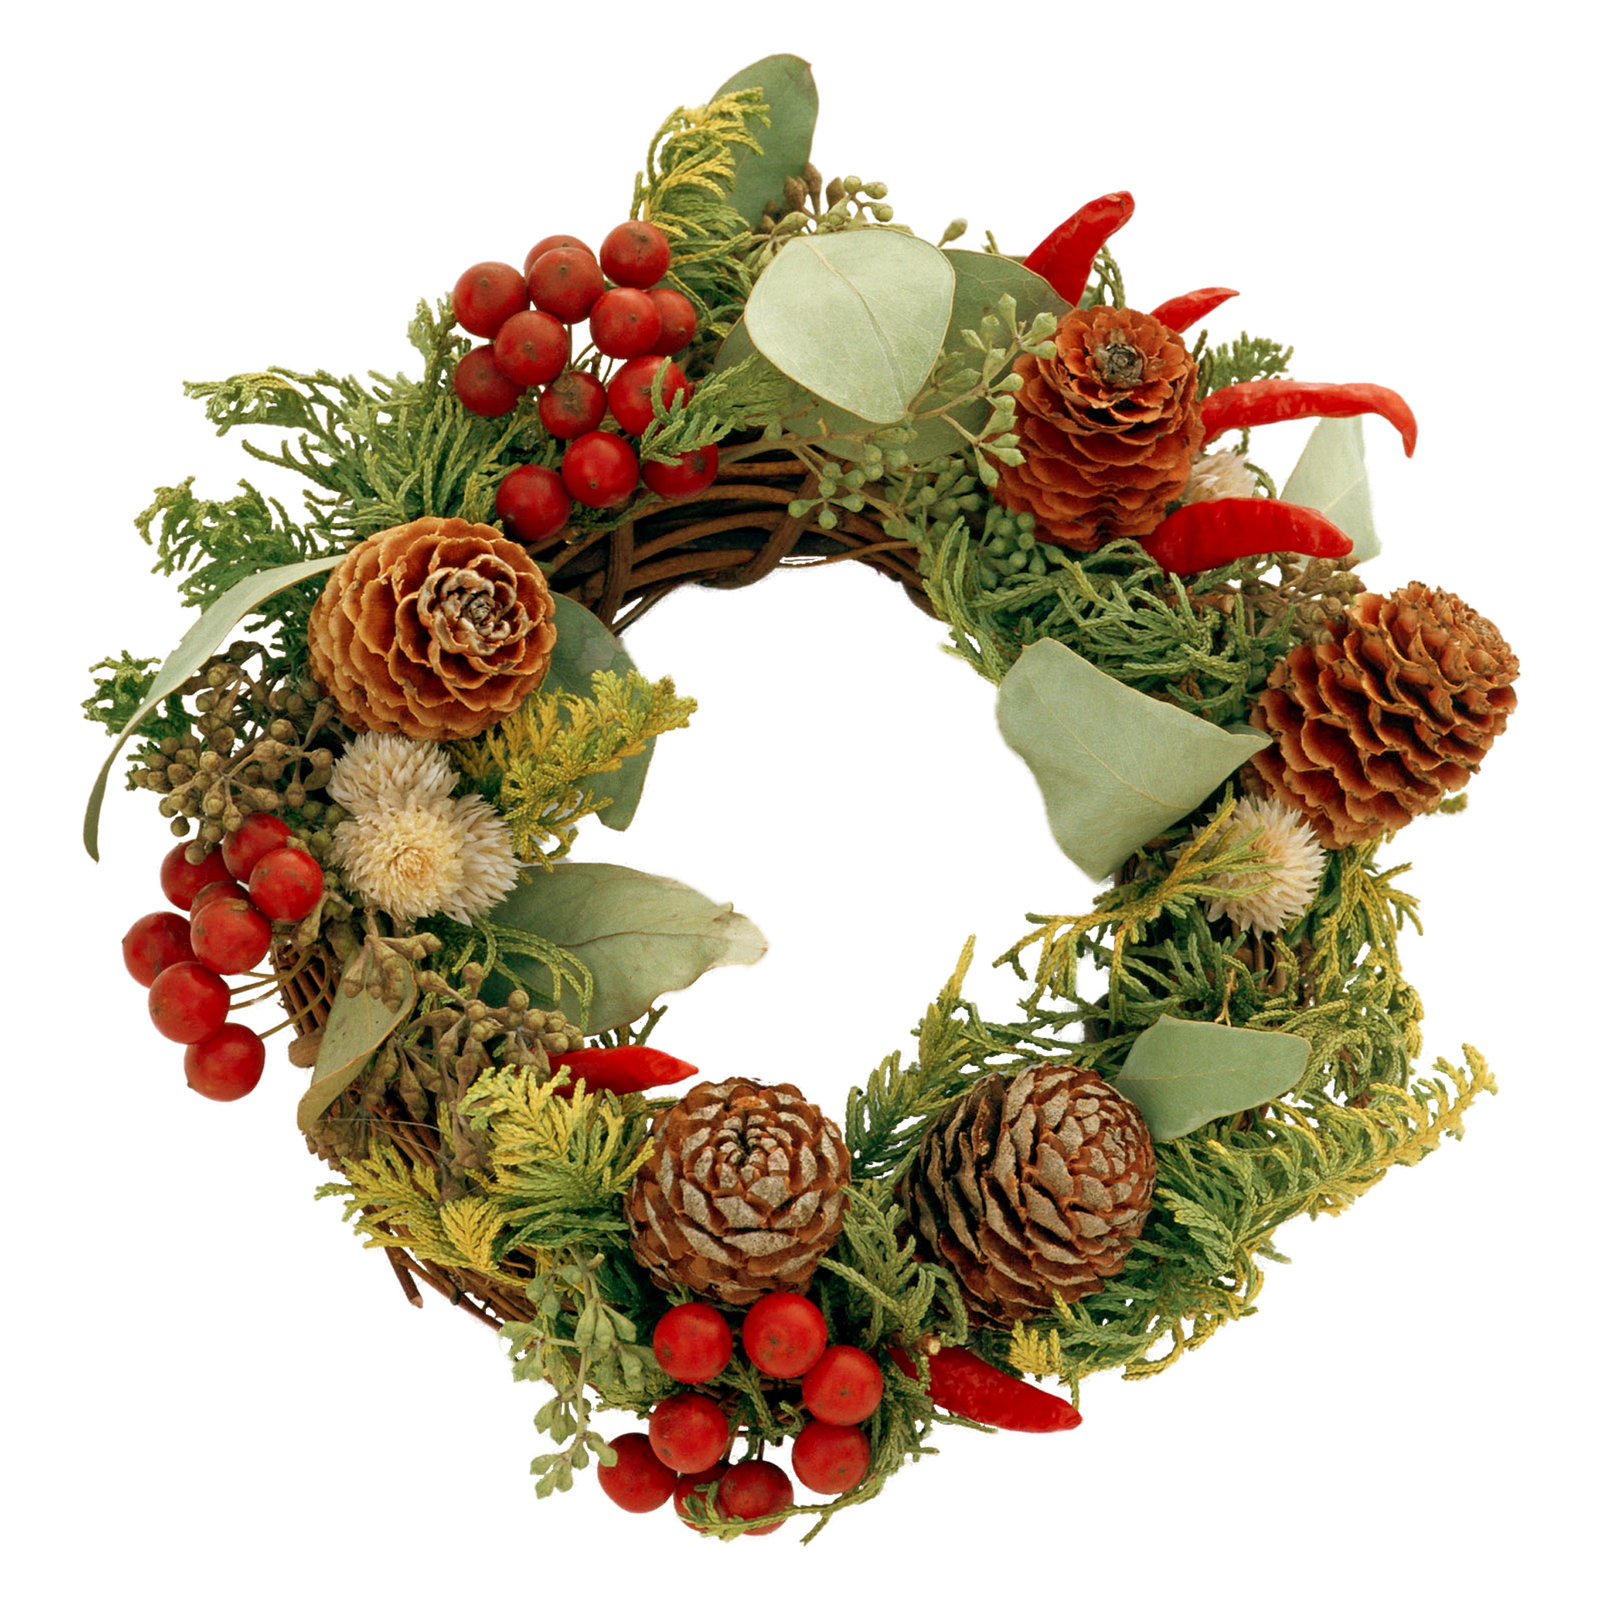 de nuria d publicado en gifs de coronas de navidad - Coronas Navidad